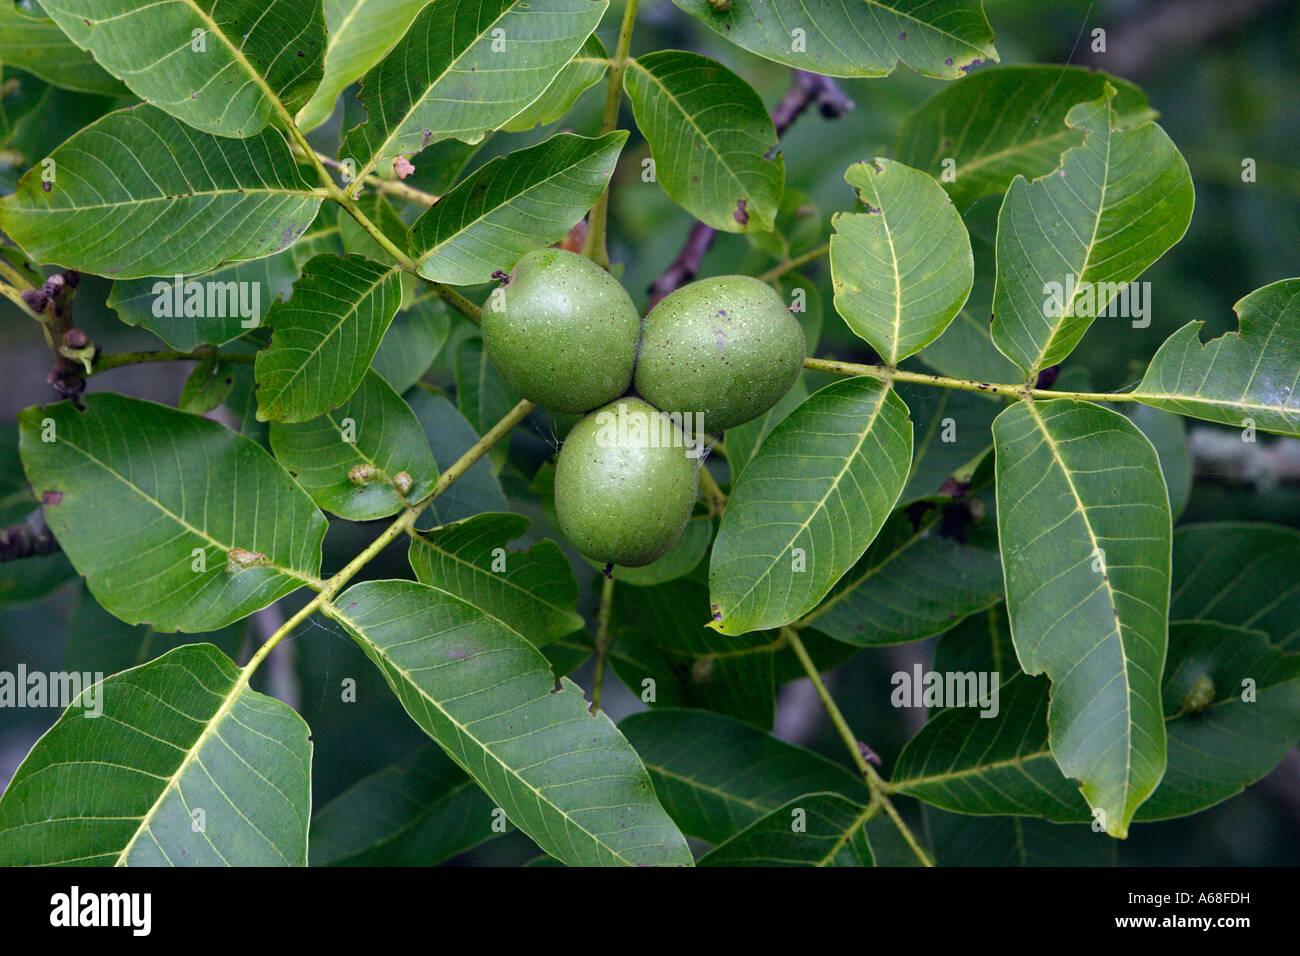 common walnut english walnut persian walnut juglans. Black Bedroom Furniture Sets. Home Design Ideas